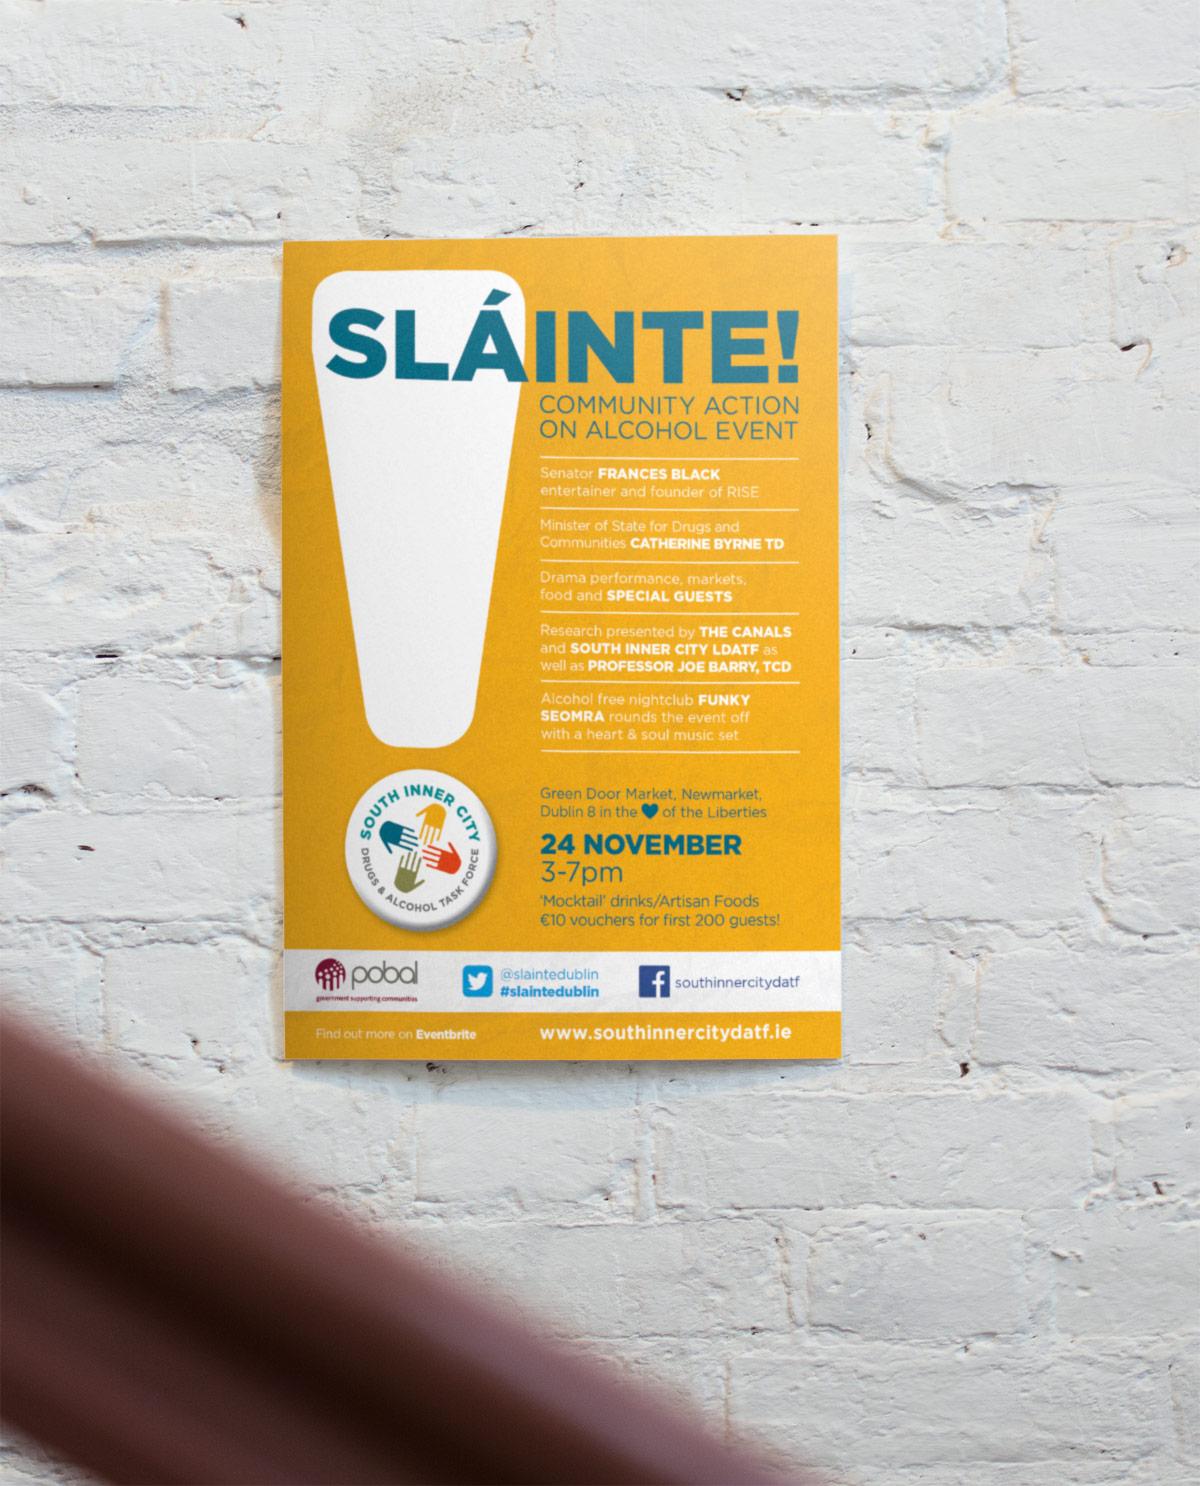 SICDTF_A3-Slainte_Poster-2.jpg